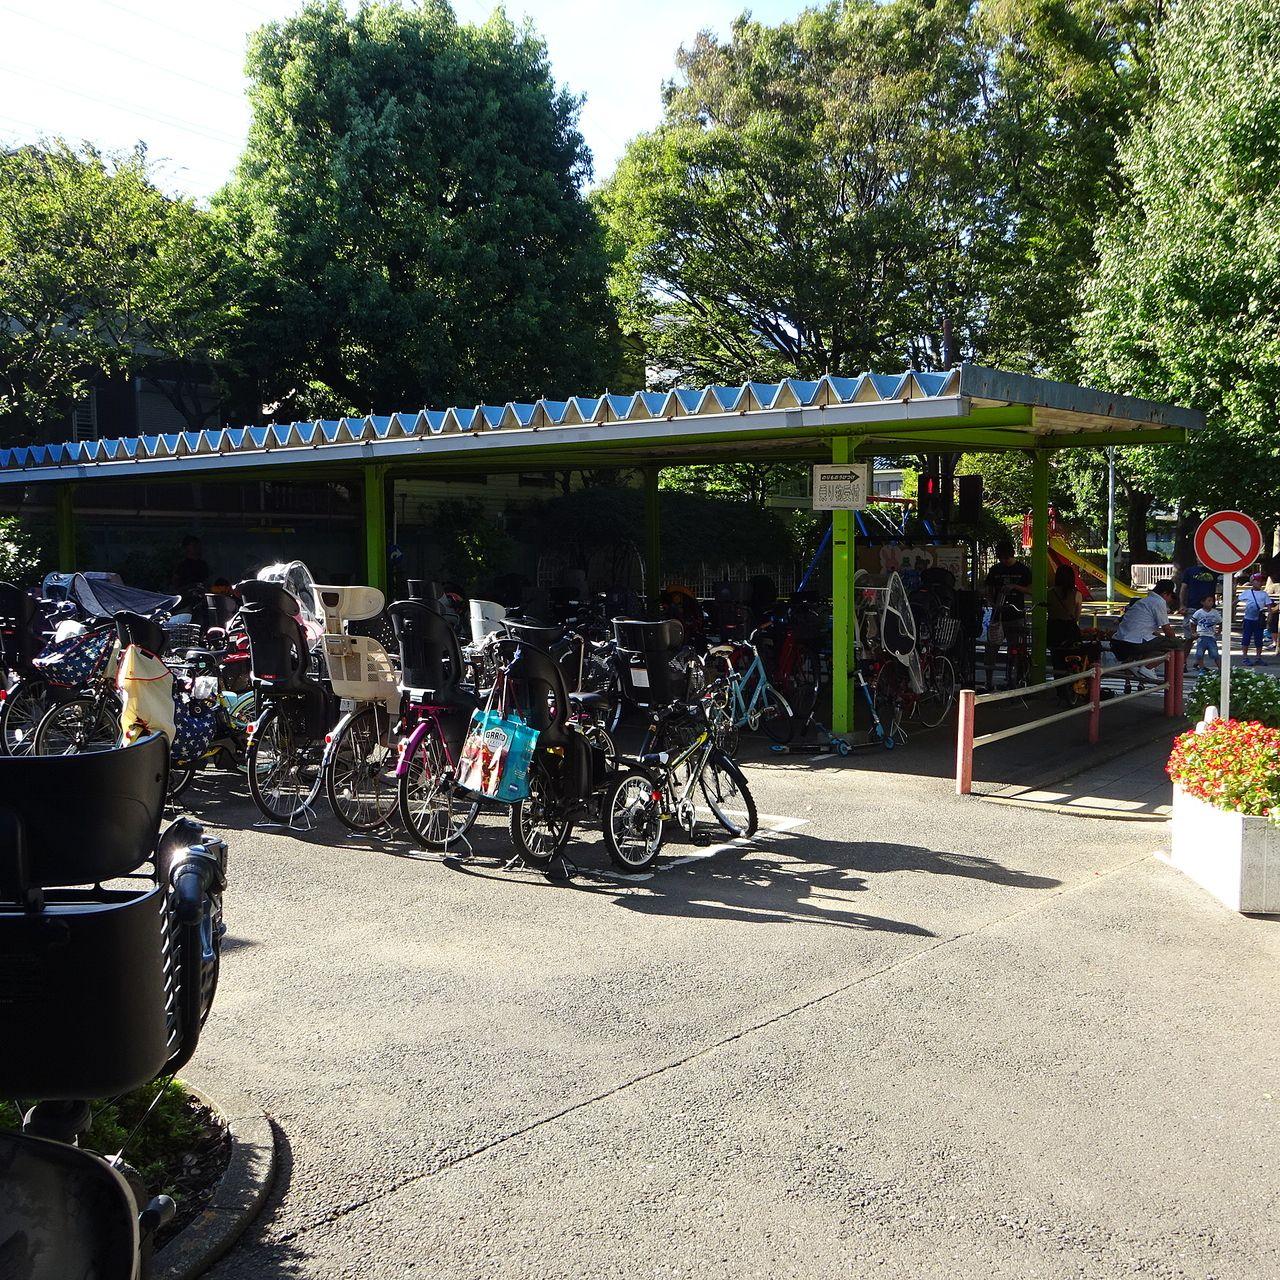 園内は借りた自転車のみが走れます